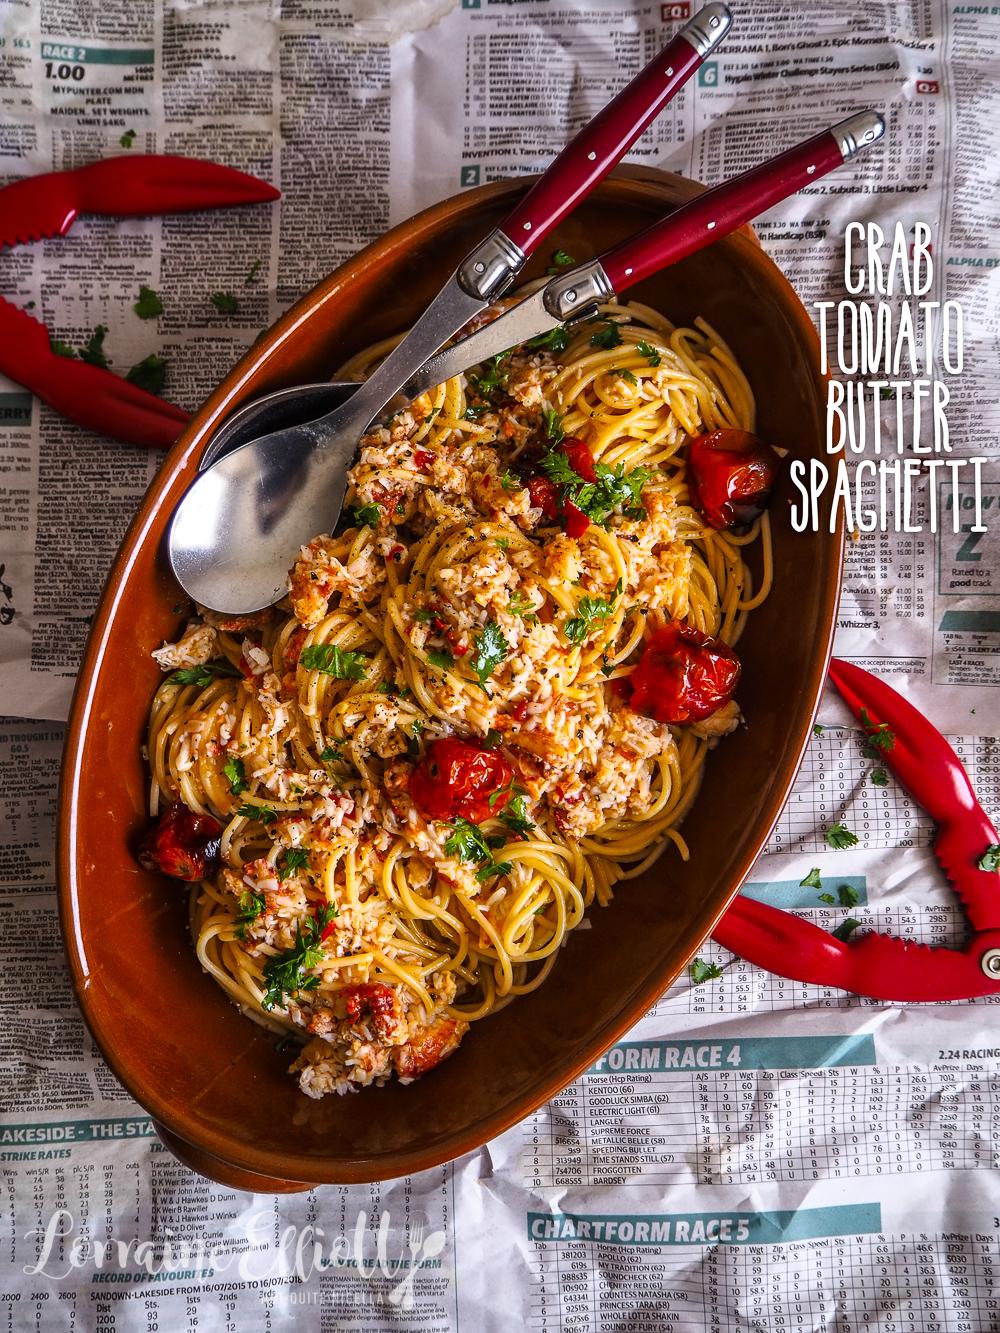 Crab & Tomato Butter Spaghetti